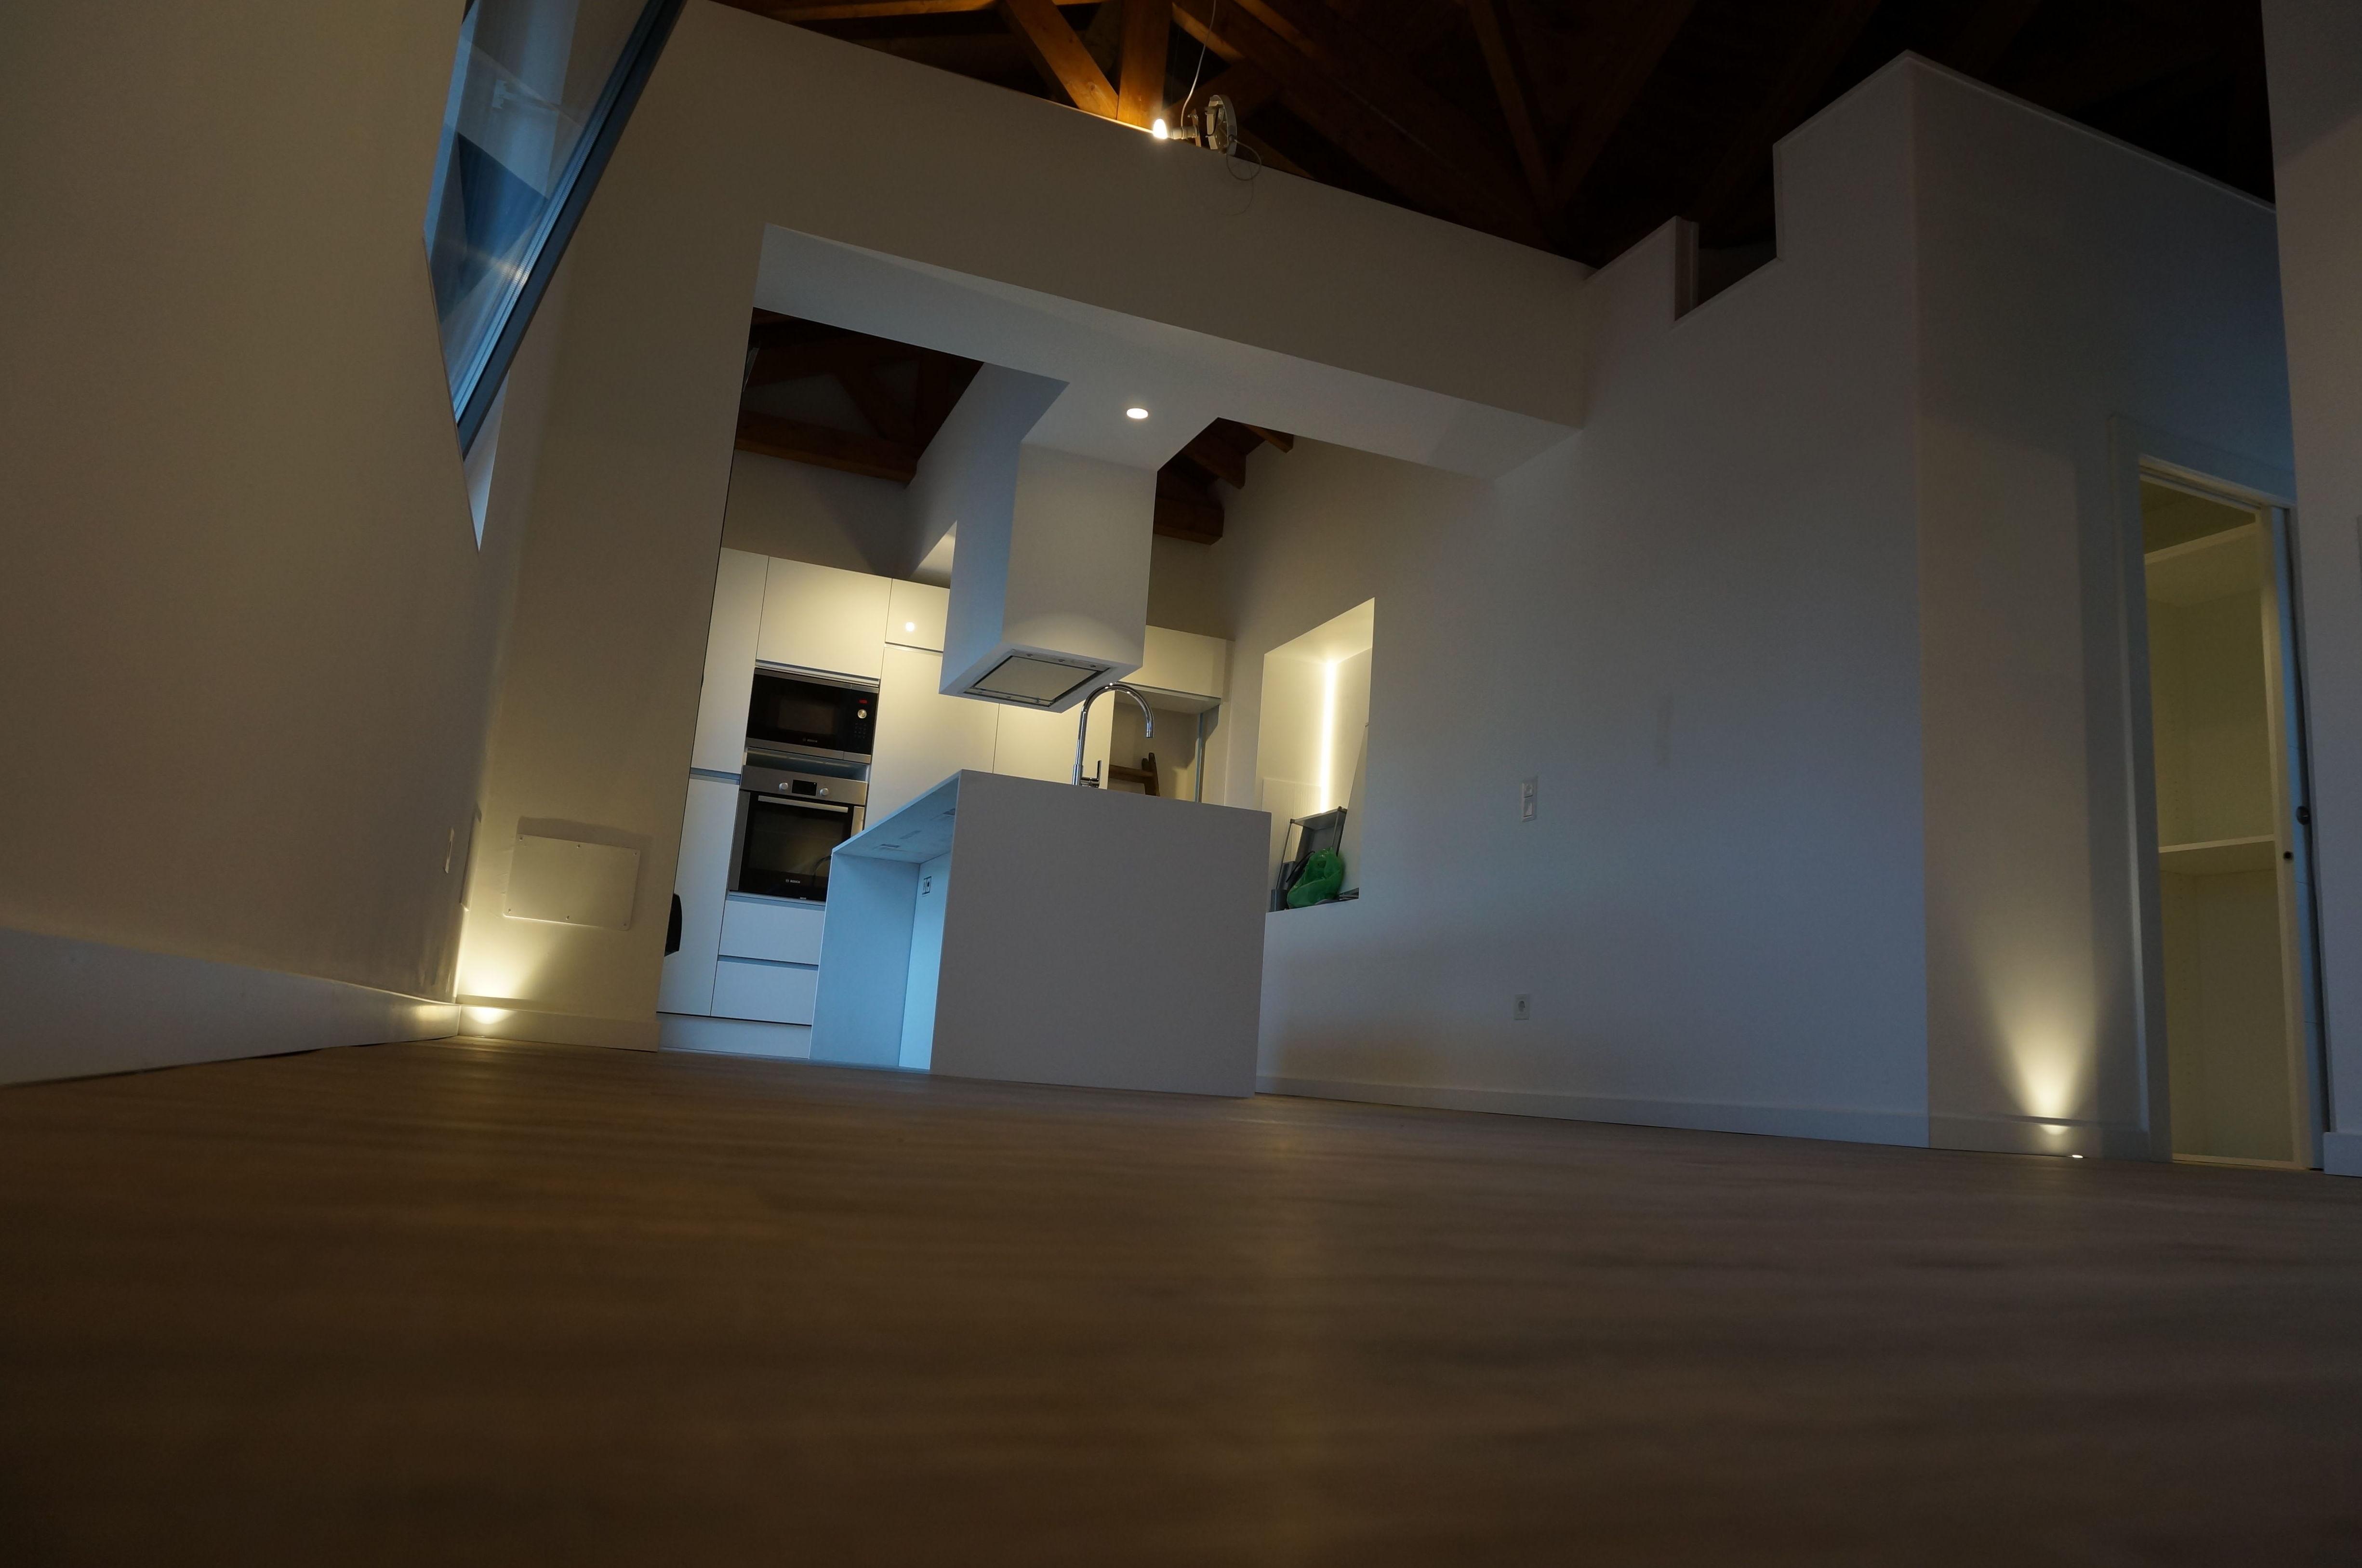 Foto 2 de Decoración y diseño en Gijón | Construcciones Zapico y Álvarez